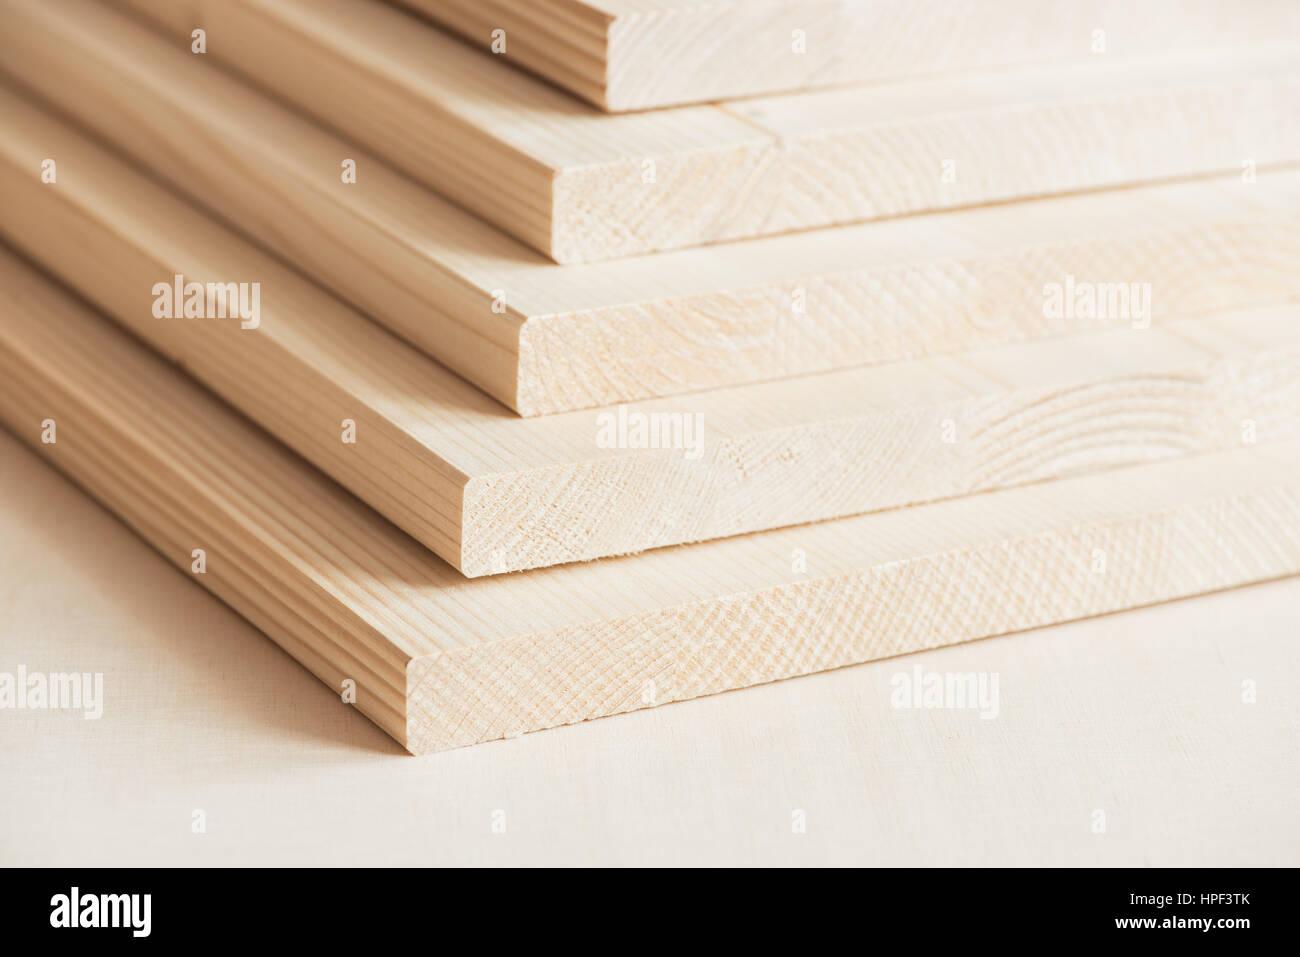 stapel von holz bretter, holzplatten stockfoto, bild: 134327331 - alamy